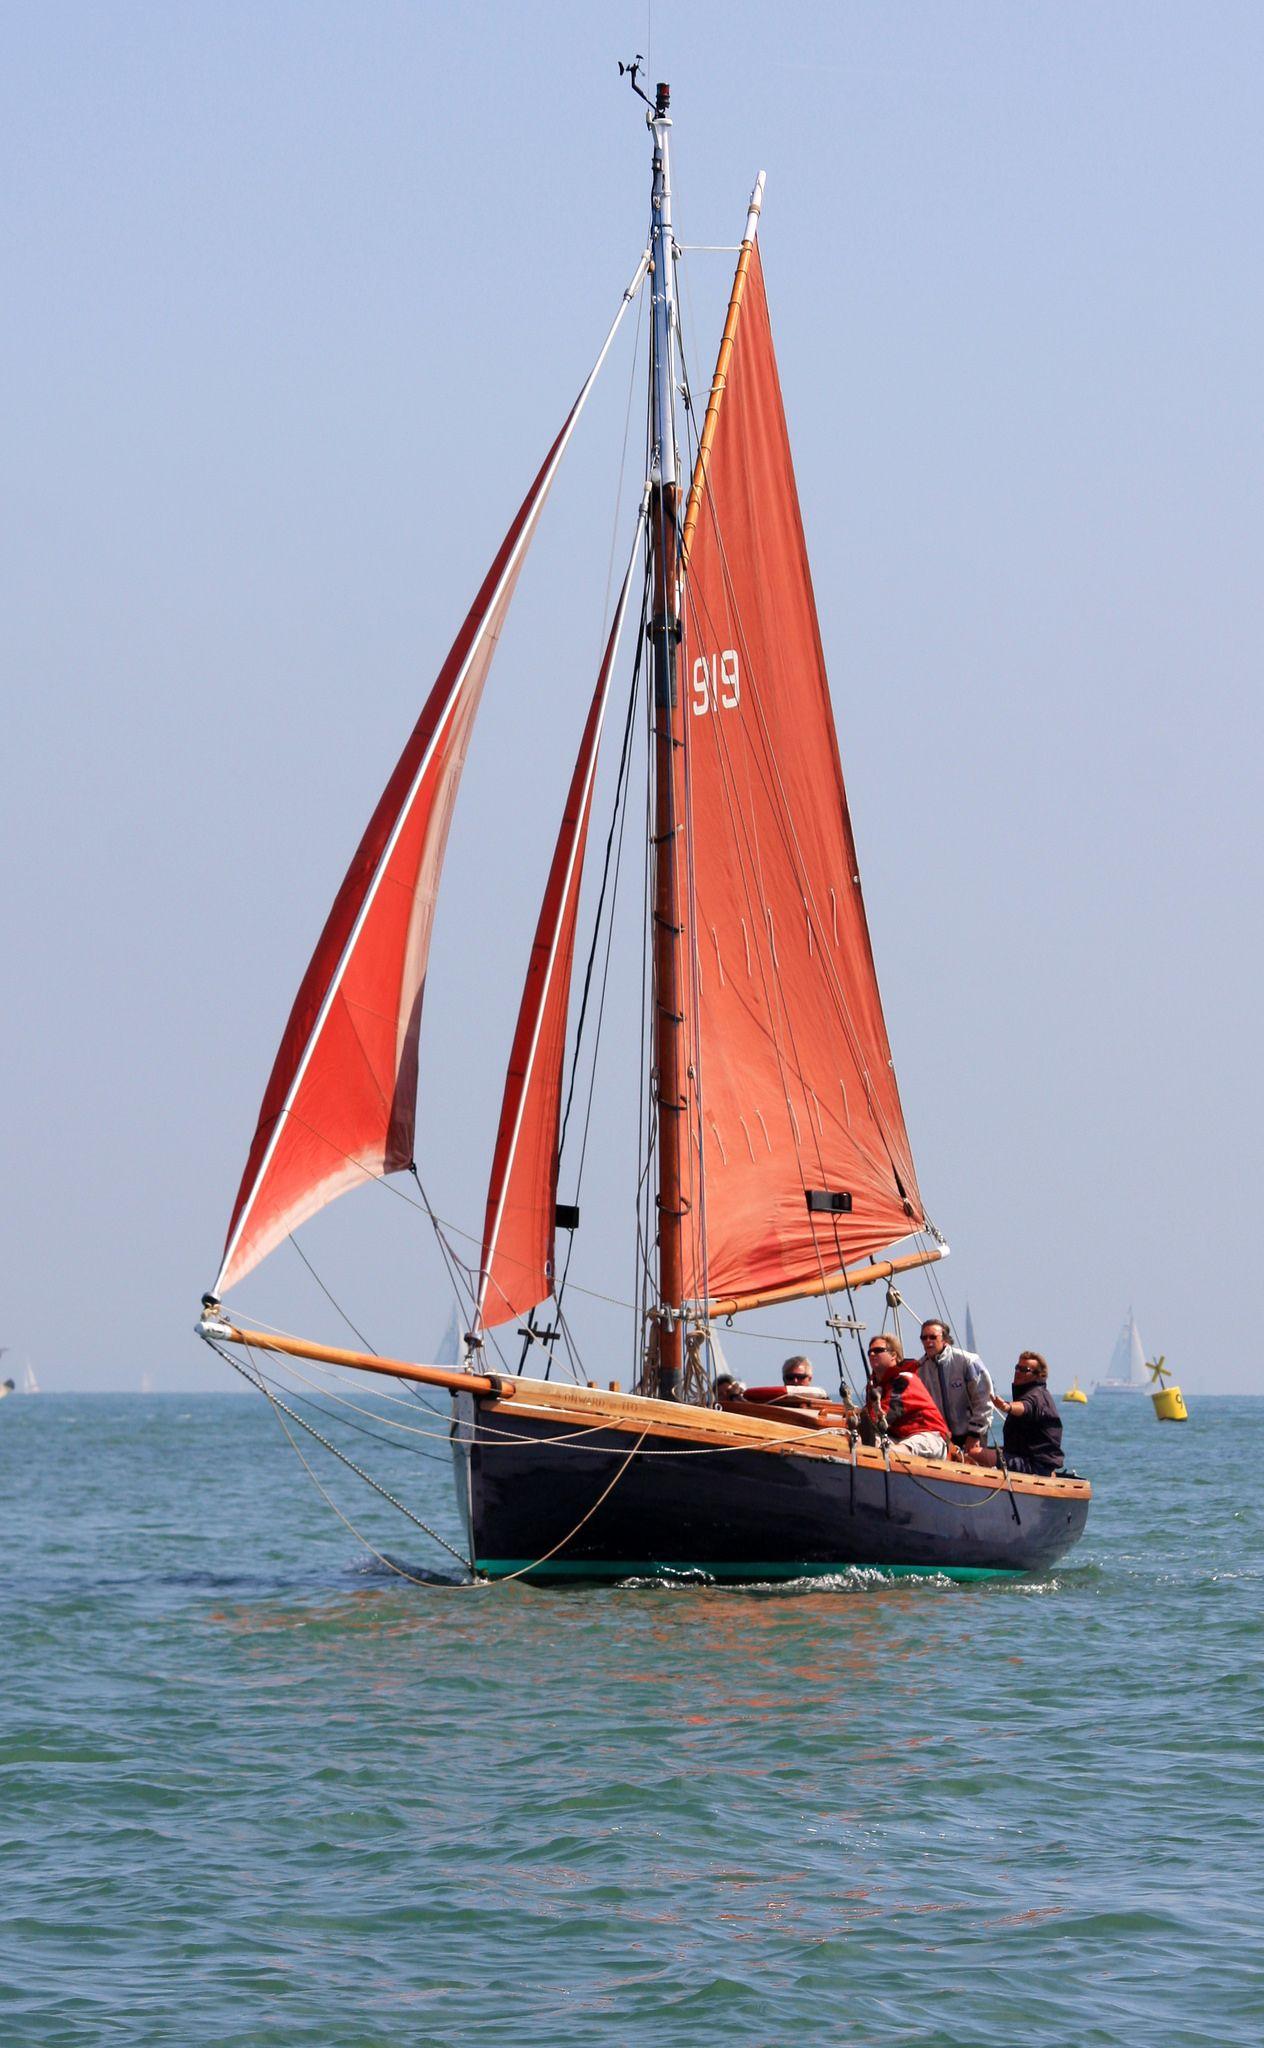 Old Gaffer Boat Small Sailboats Sailing